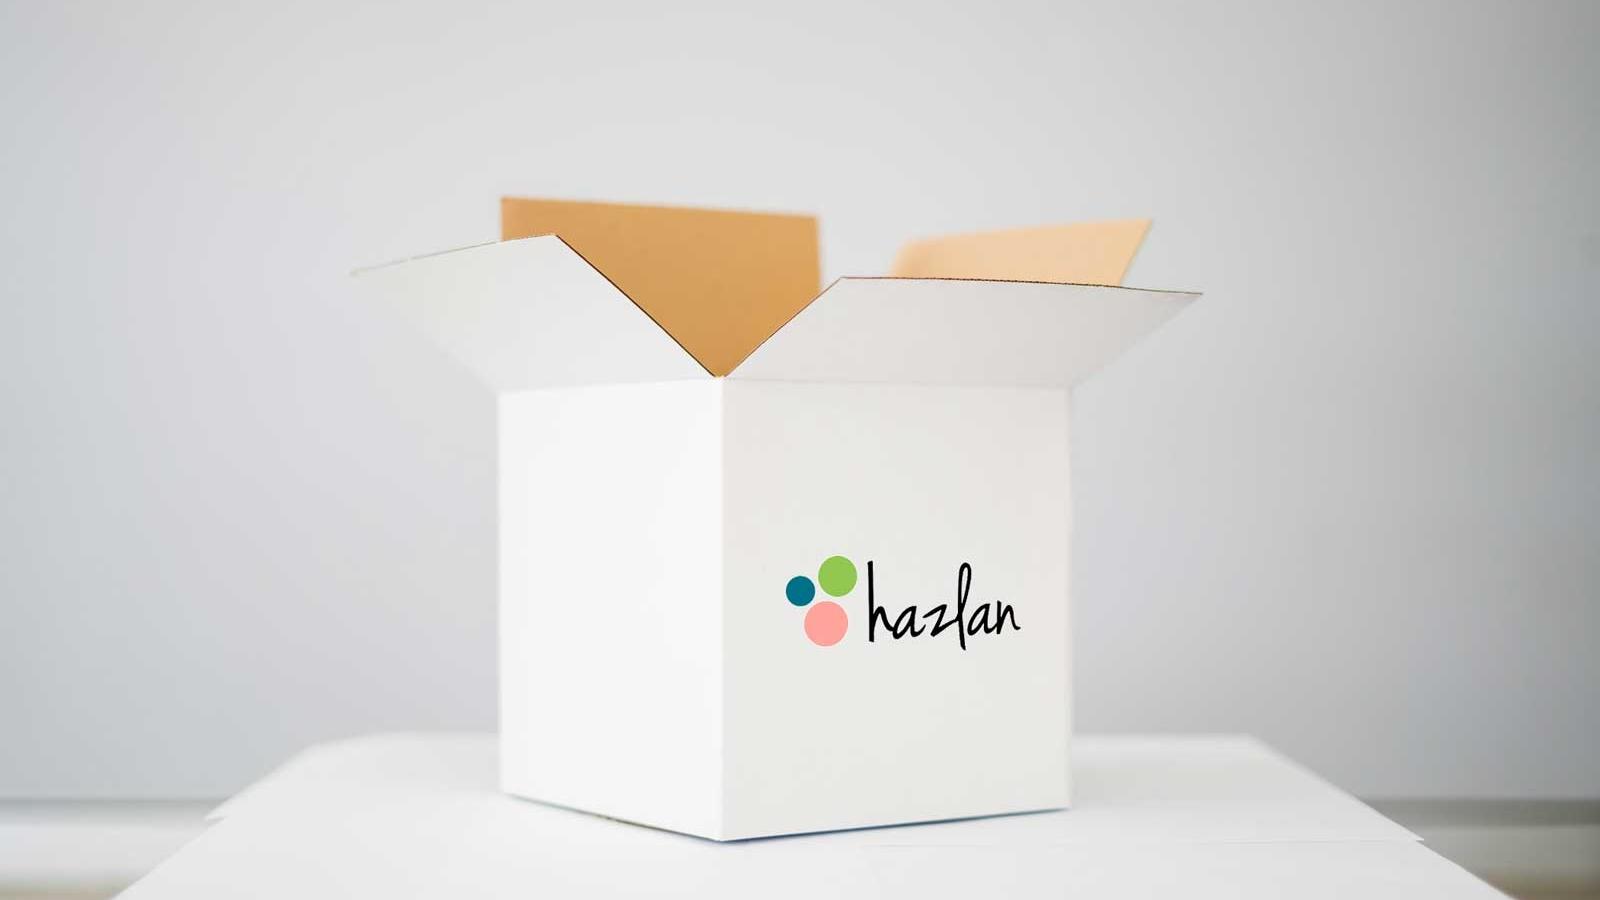 Embalaje y empaquetado en Confección Textil. Ofrecemos un servicio de Embalaje y empaquetado de tus productos para Confección Textil.